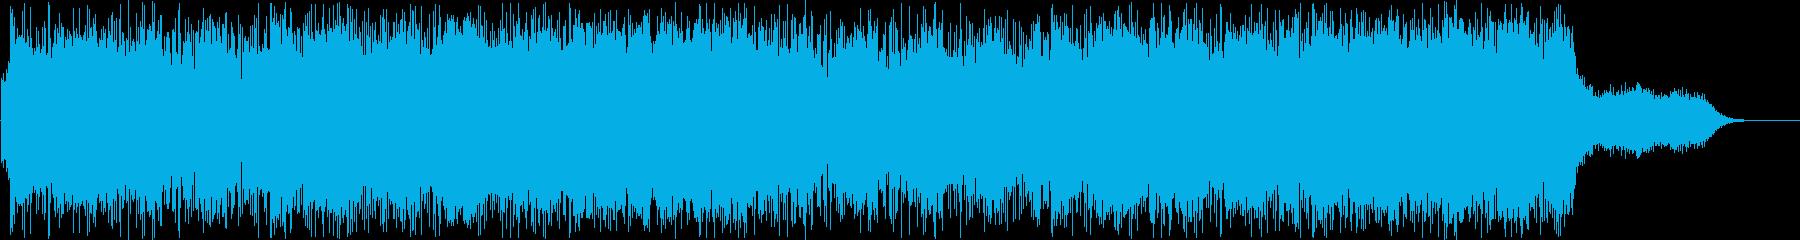 あやしい スピード スリル 謎の再生済みの波形